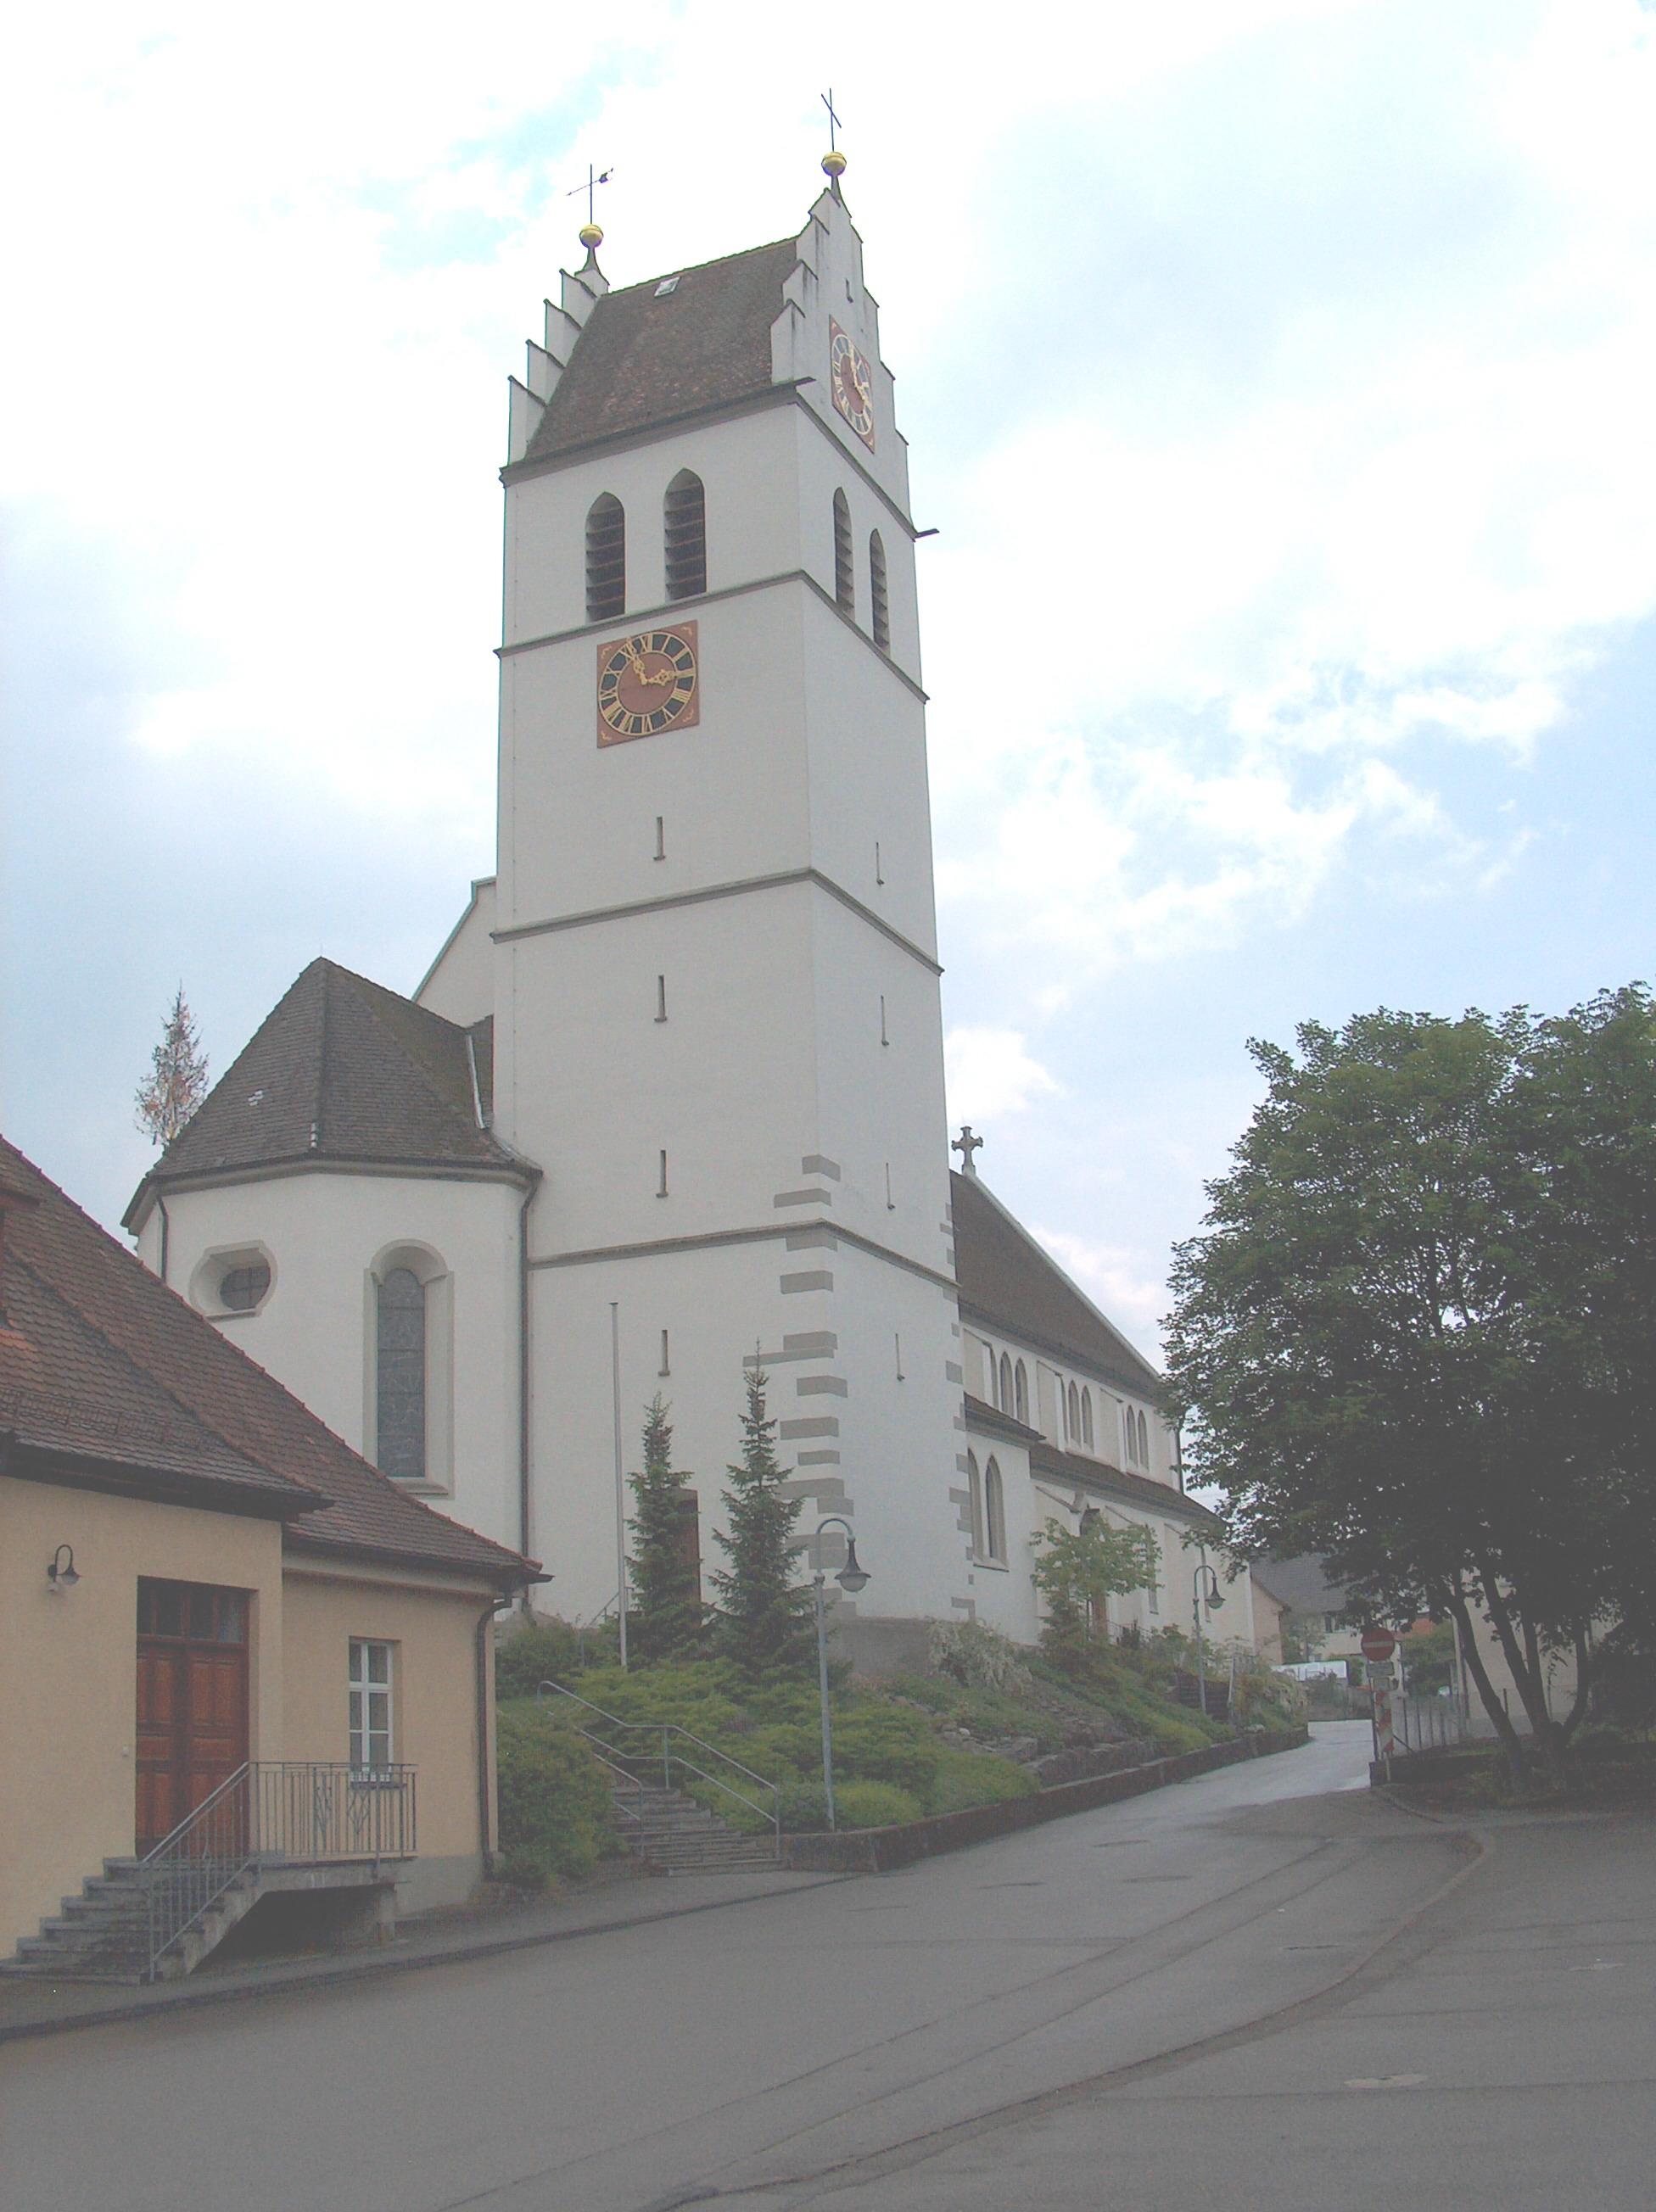 St. Pankratius Kirche, Ostrach